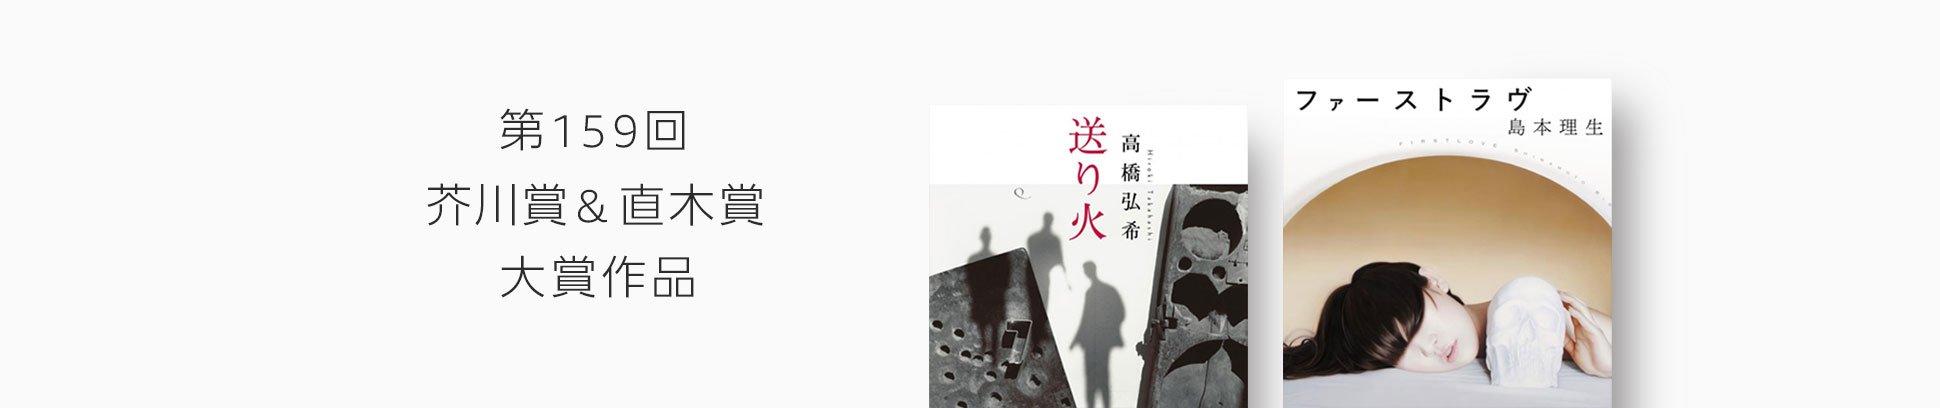 159回芥川賞&直木賞 大賞作品発表!